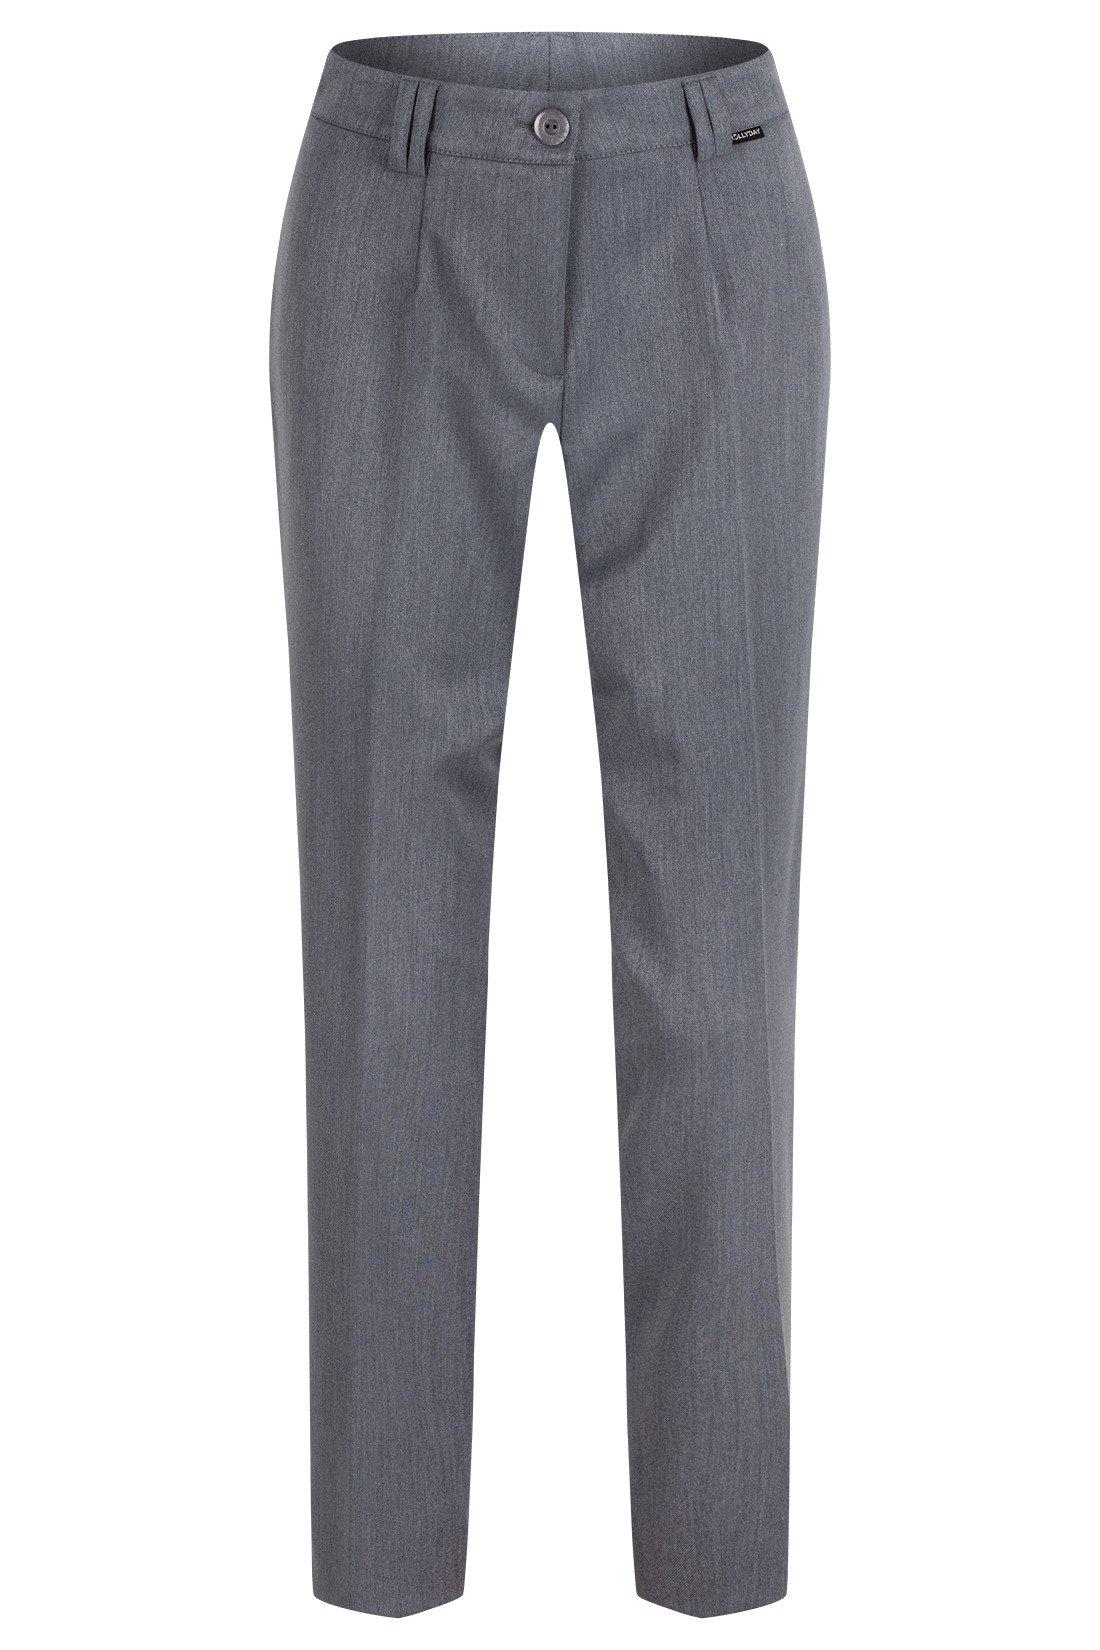 76f63079 Spodnie damskie Hela szare rozciągliwe wysokie w stanie długość 7/8